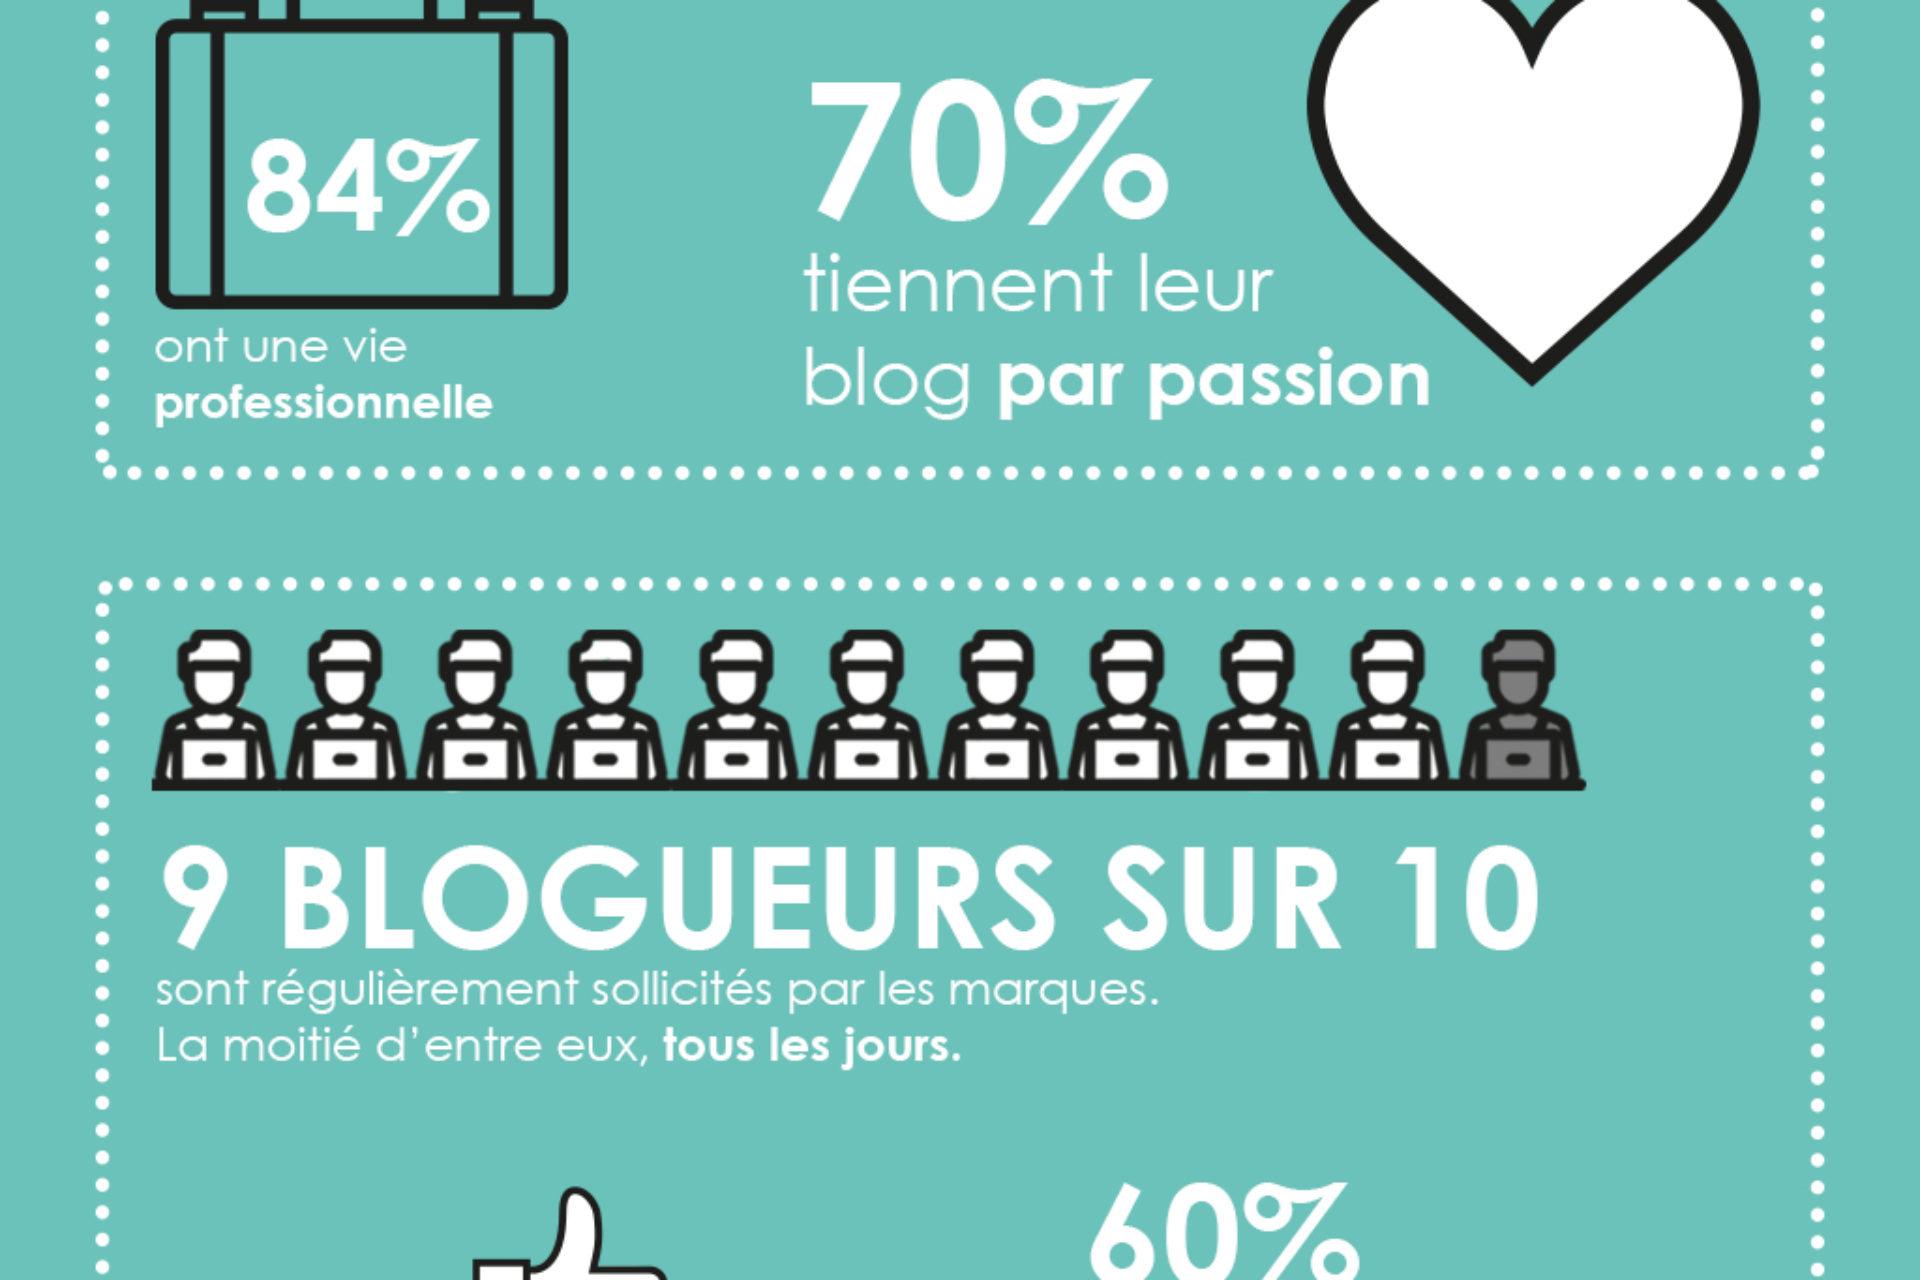 Les blogueurs et les marques : notre étude